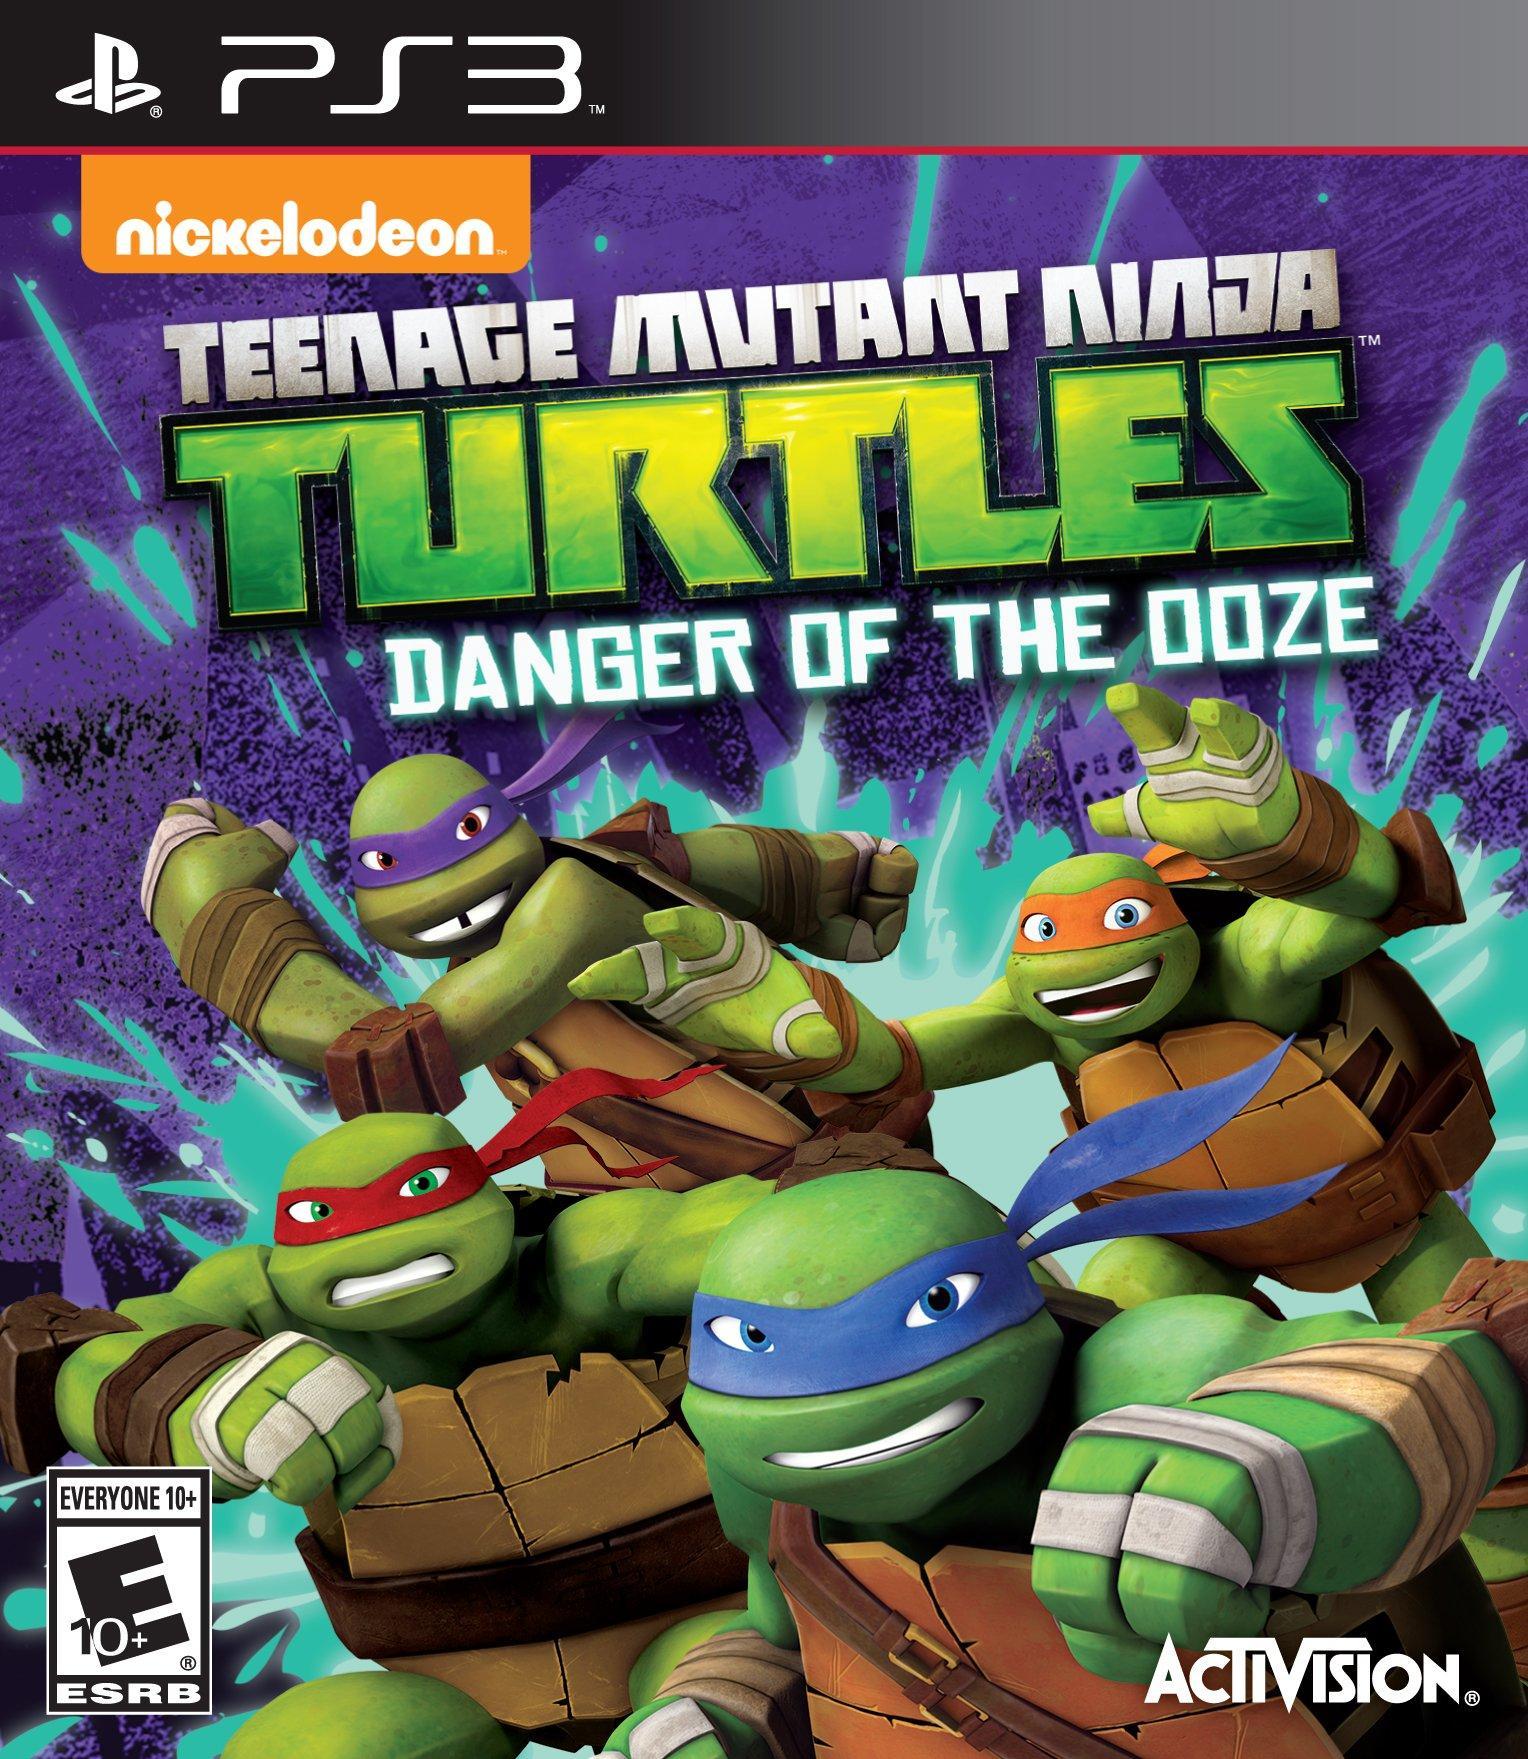 Teenage Mutant Ninja Turtles Danger Of The Ooze Playstation 3 Gamestop